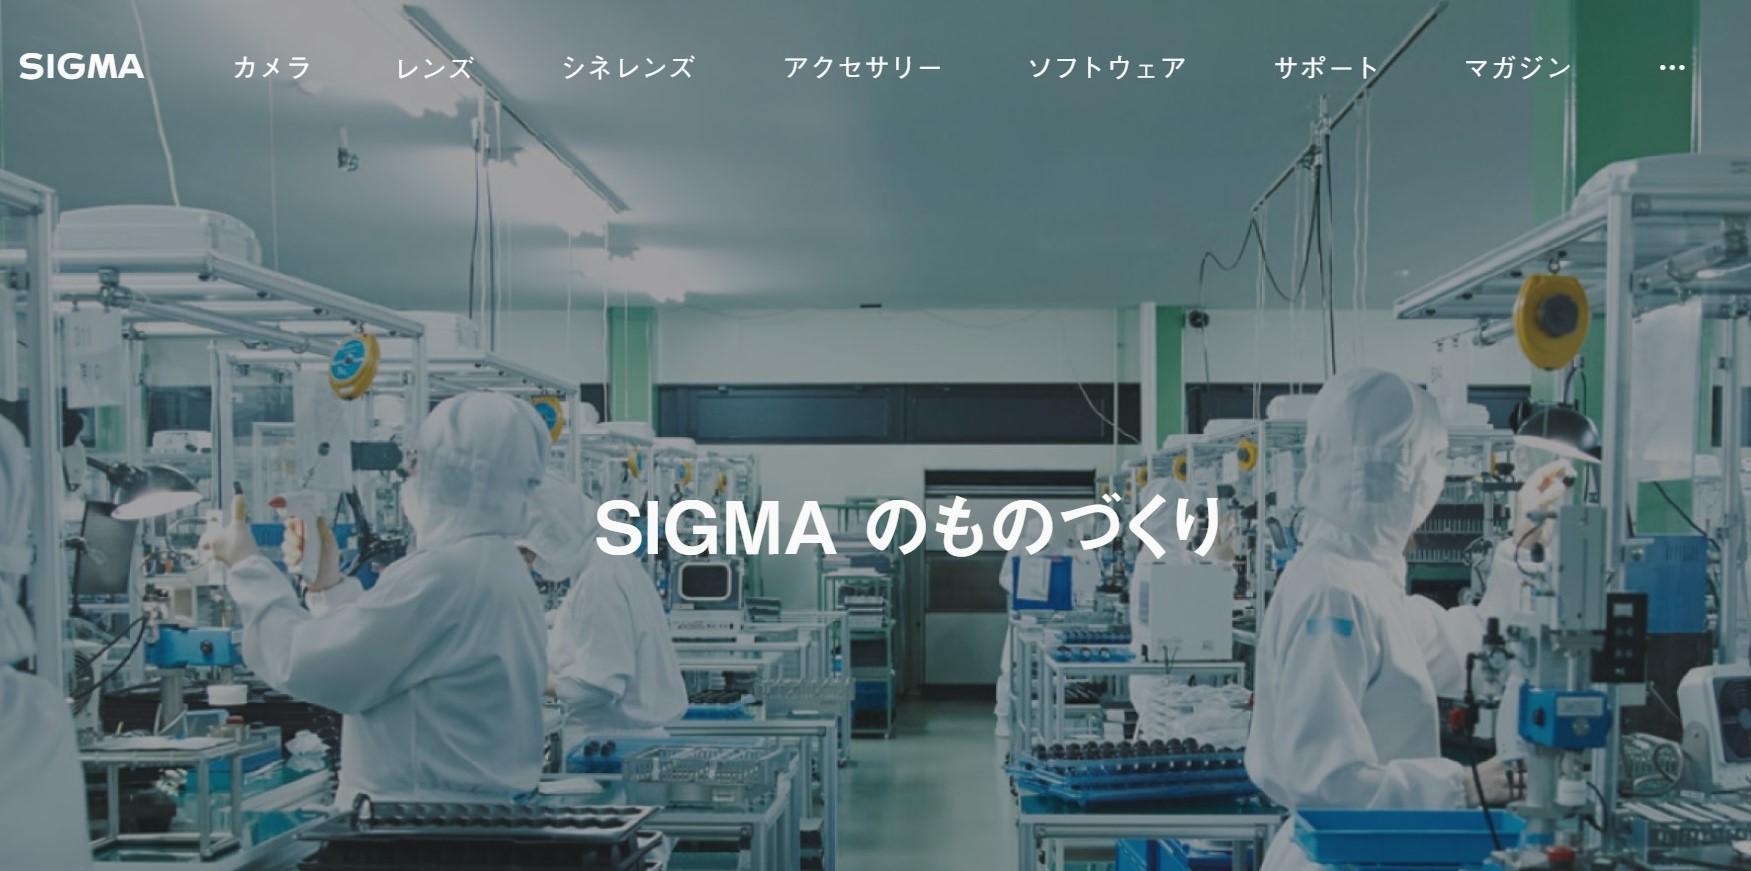 SIGMAの画像